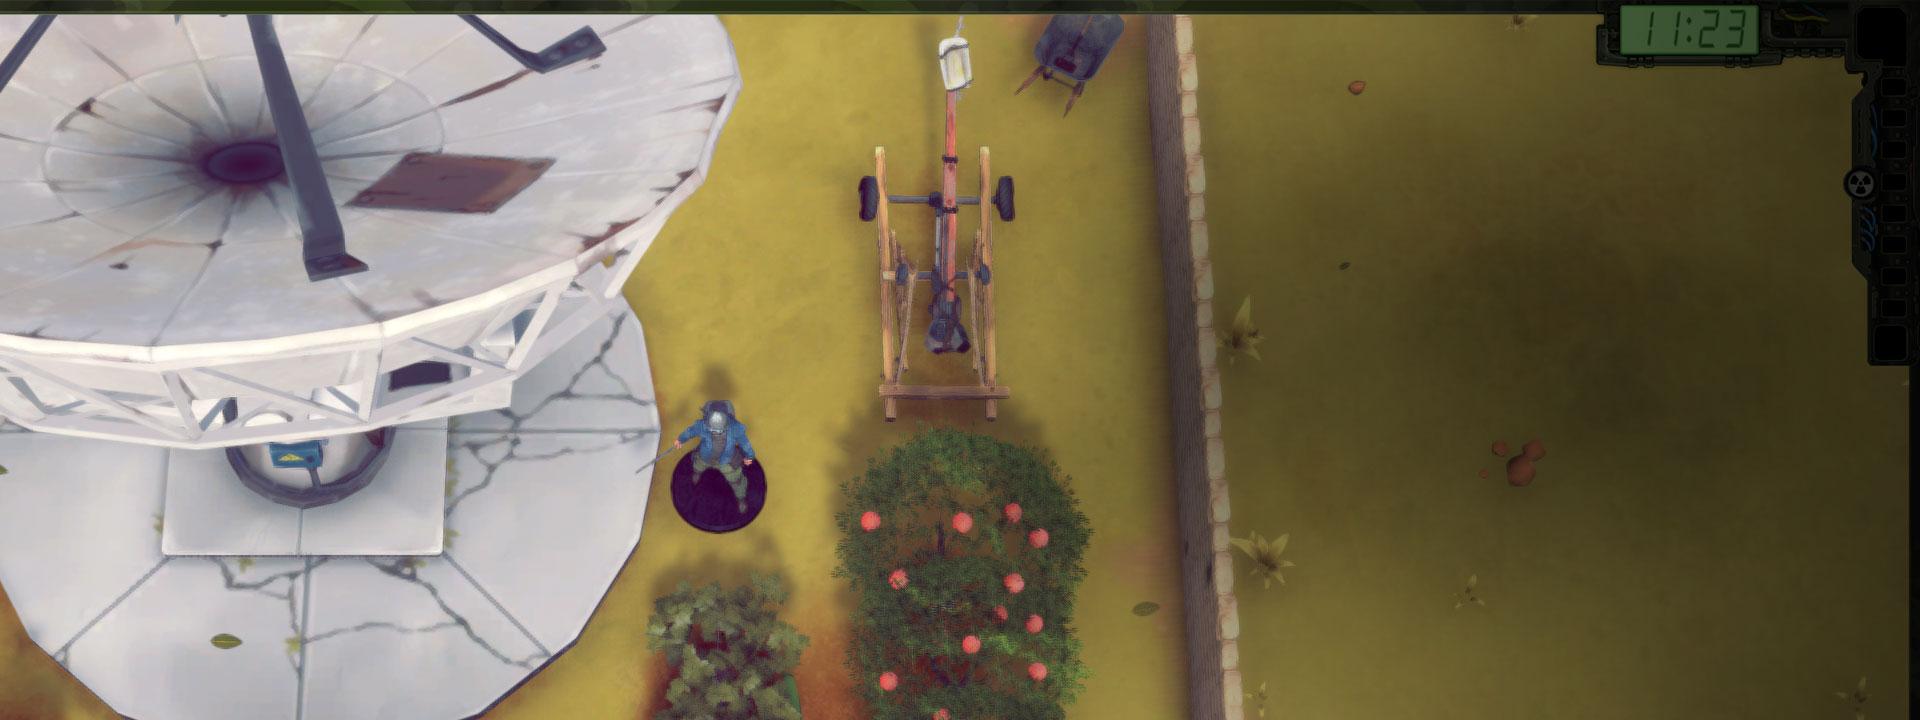 Spielerfigur in einem Garten neben einer Satellitenschüssel